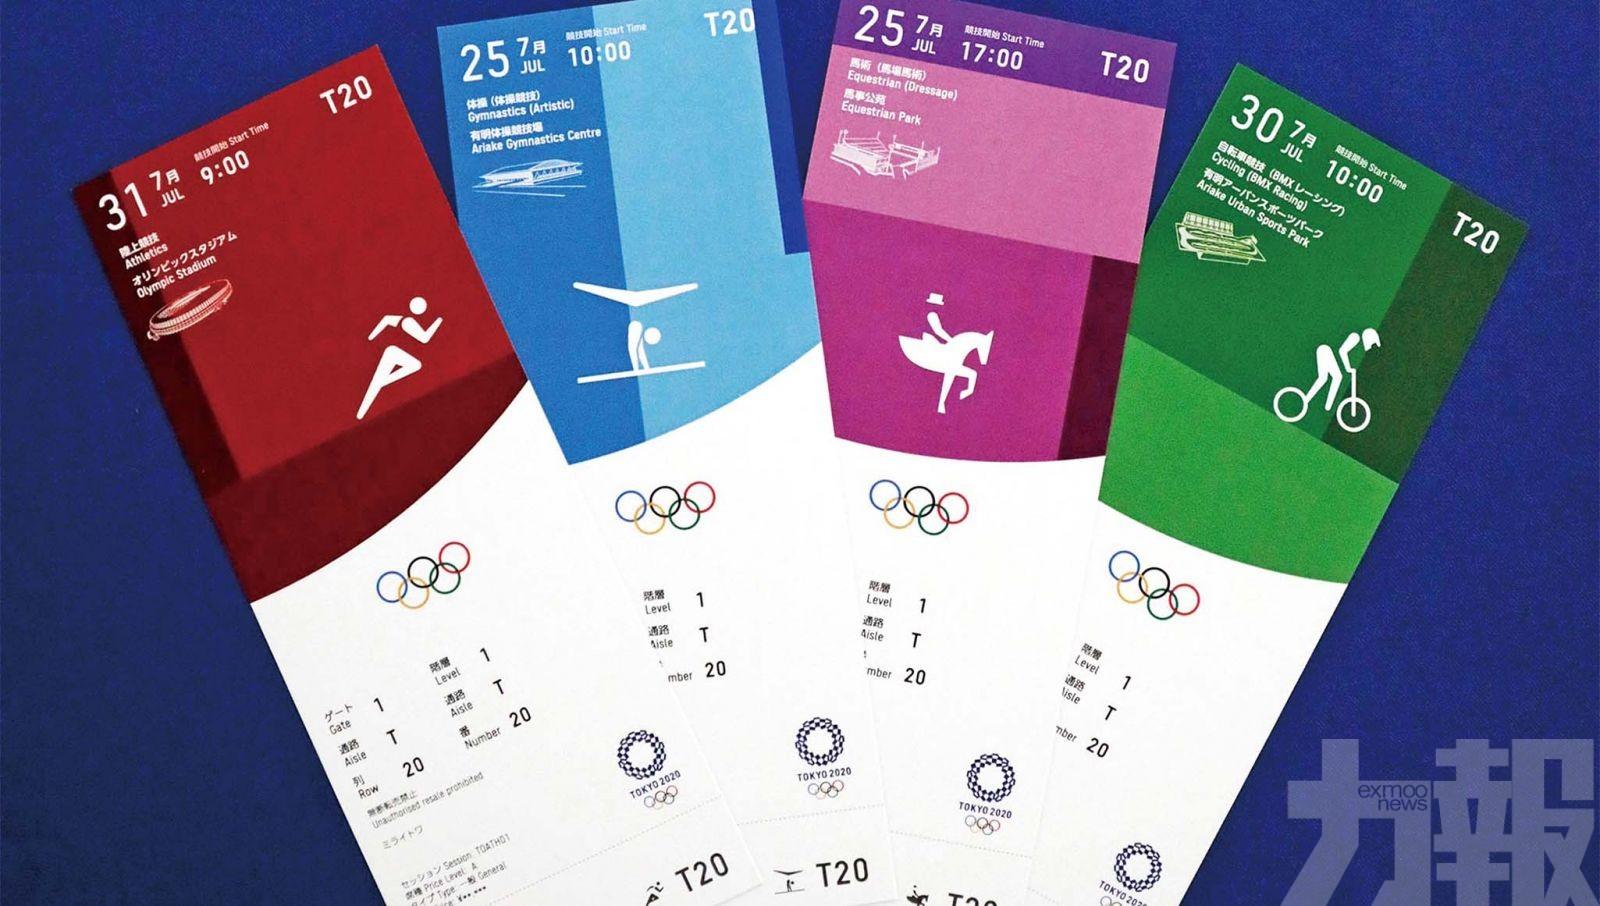 東京奧運門票可保留使用或退款